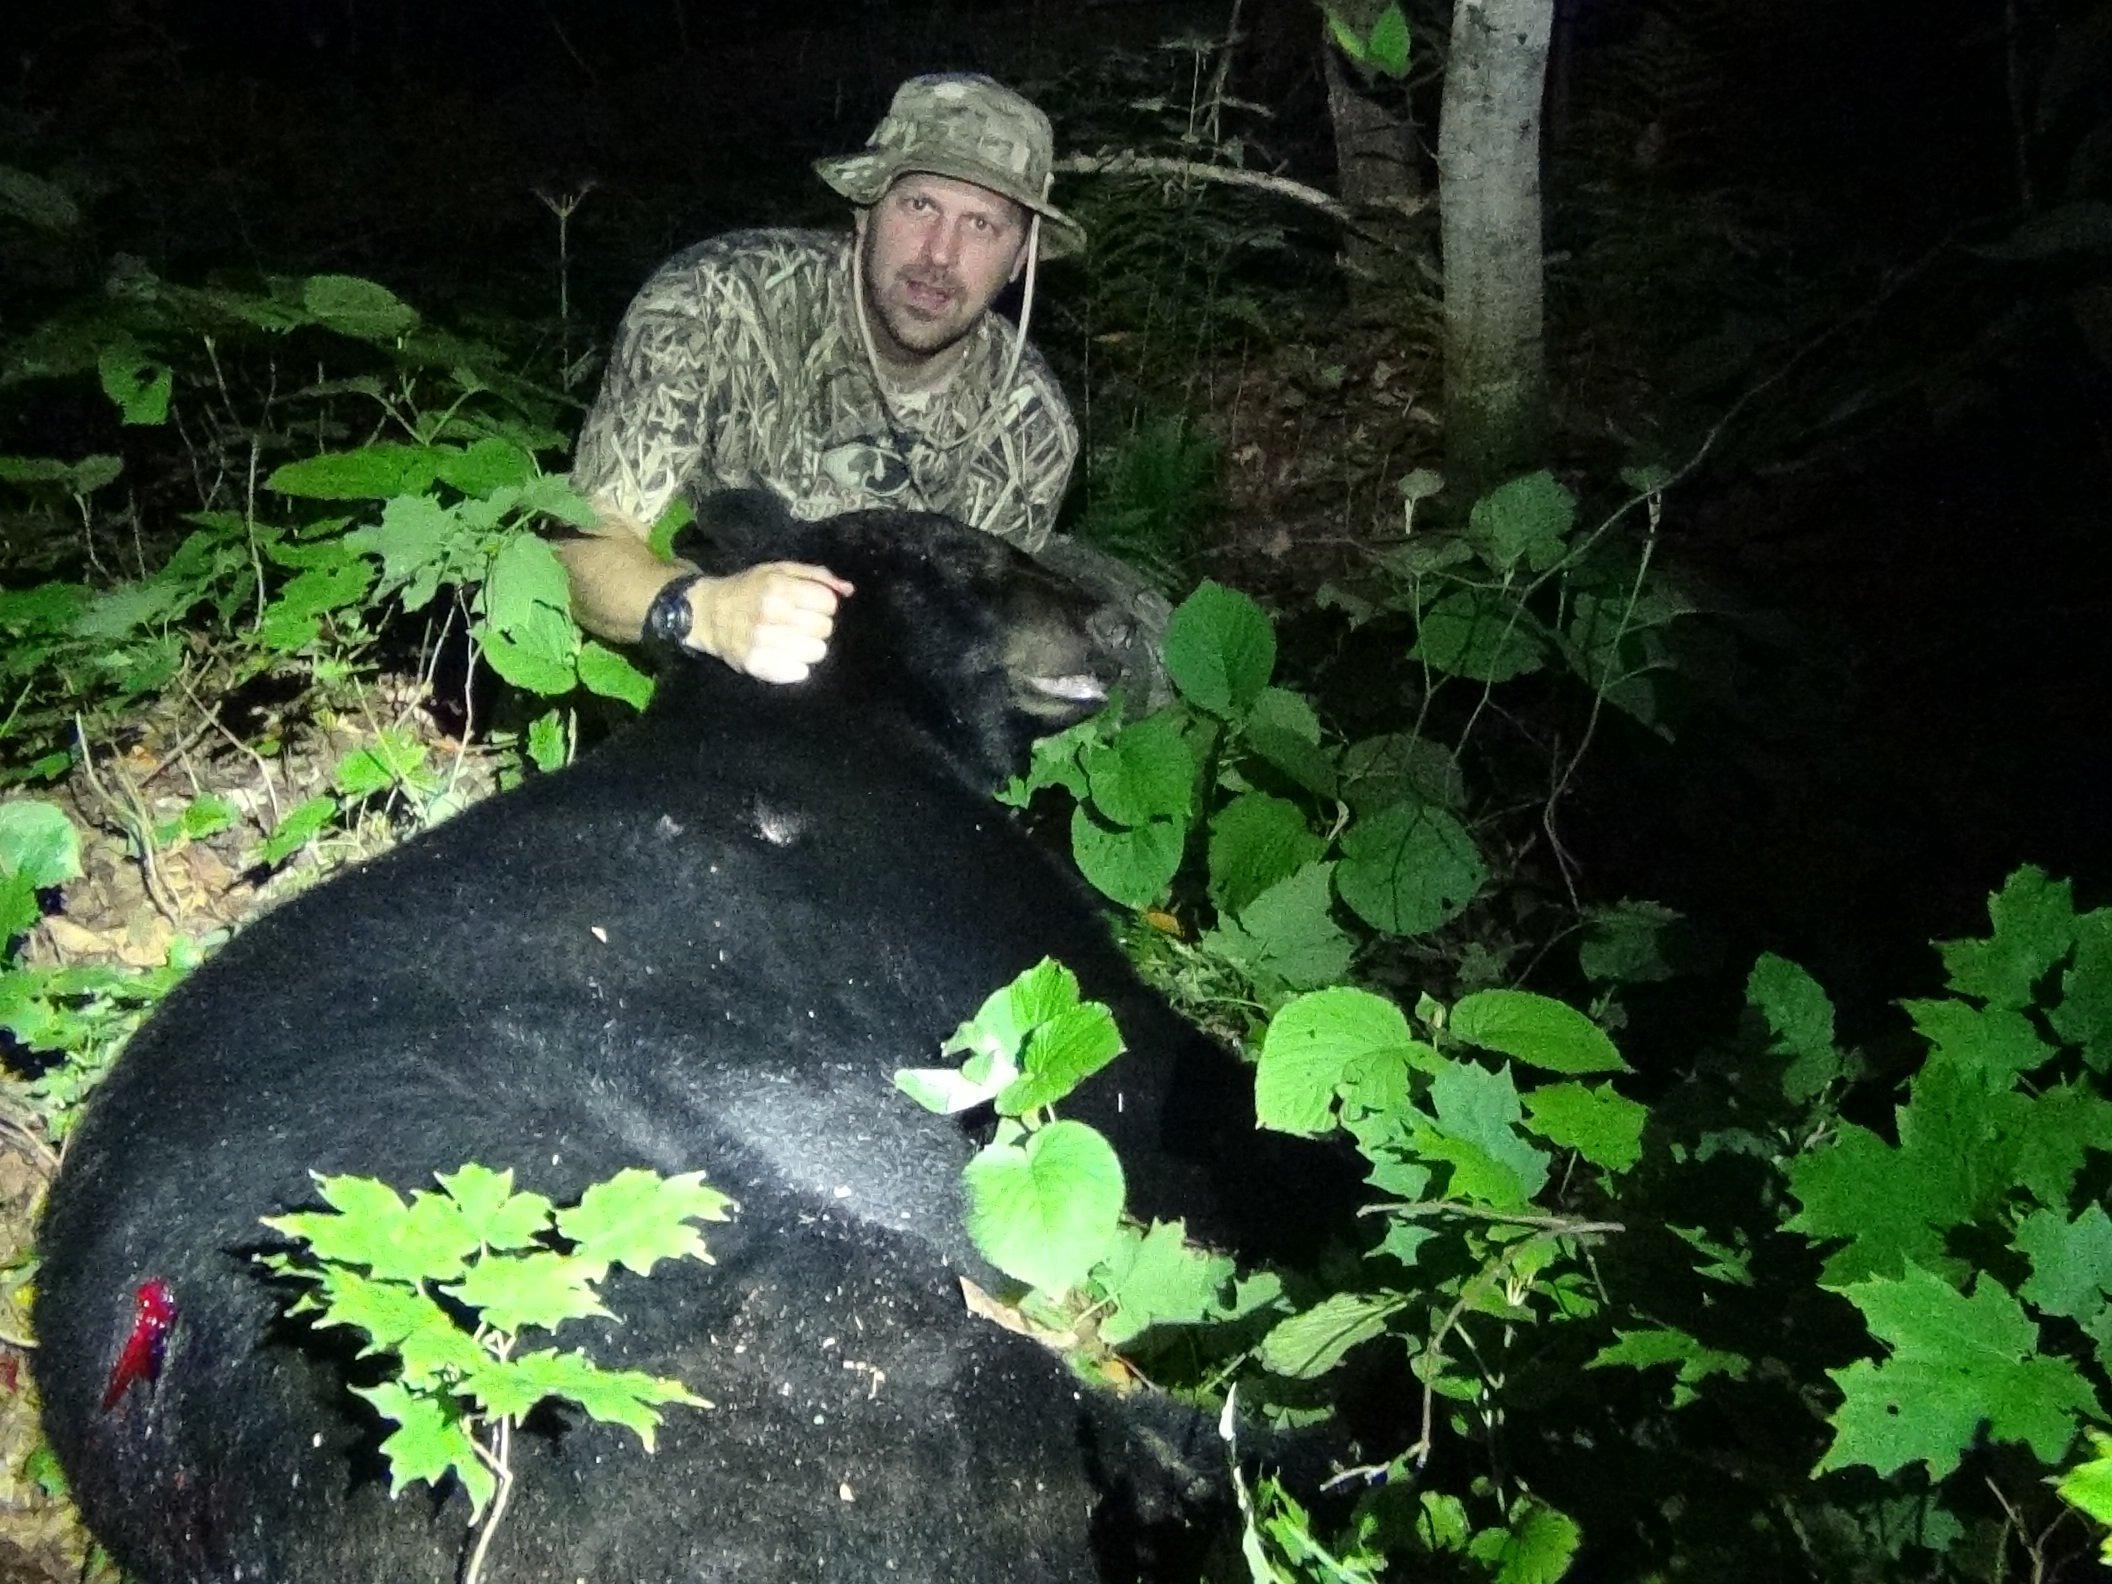 Maine Bear Hunt - Rifle 2014 - 370 lbs